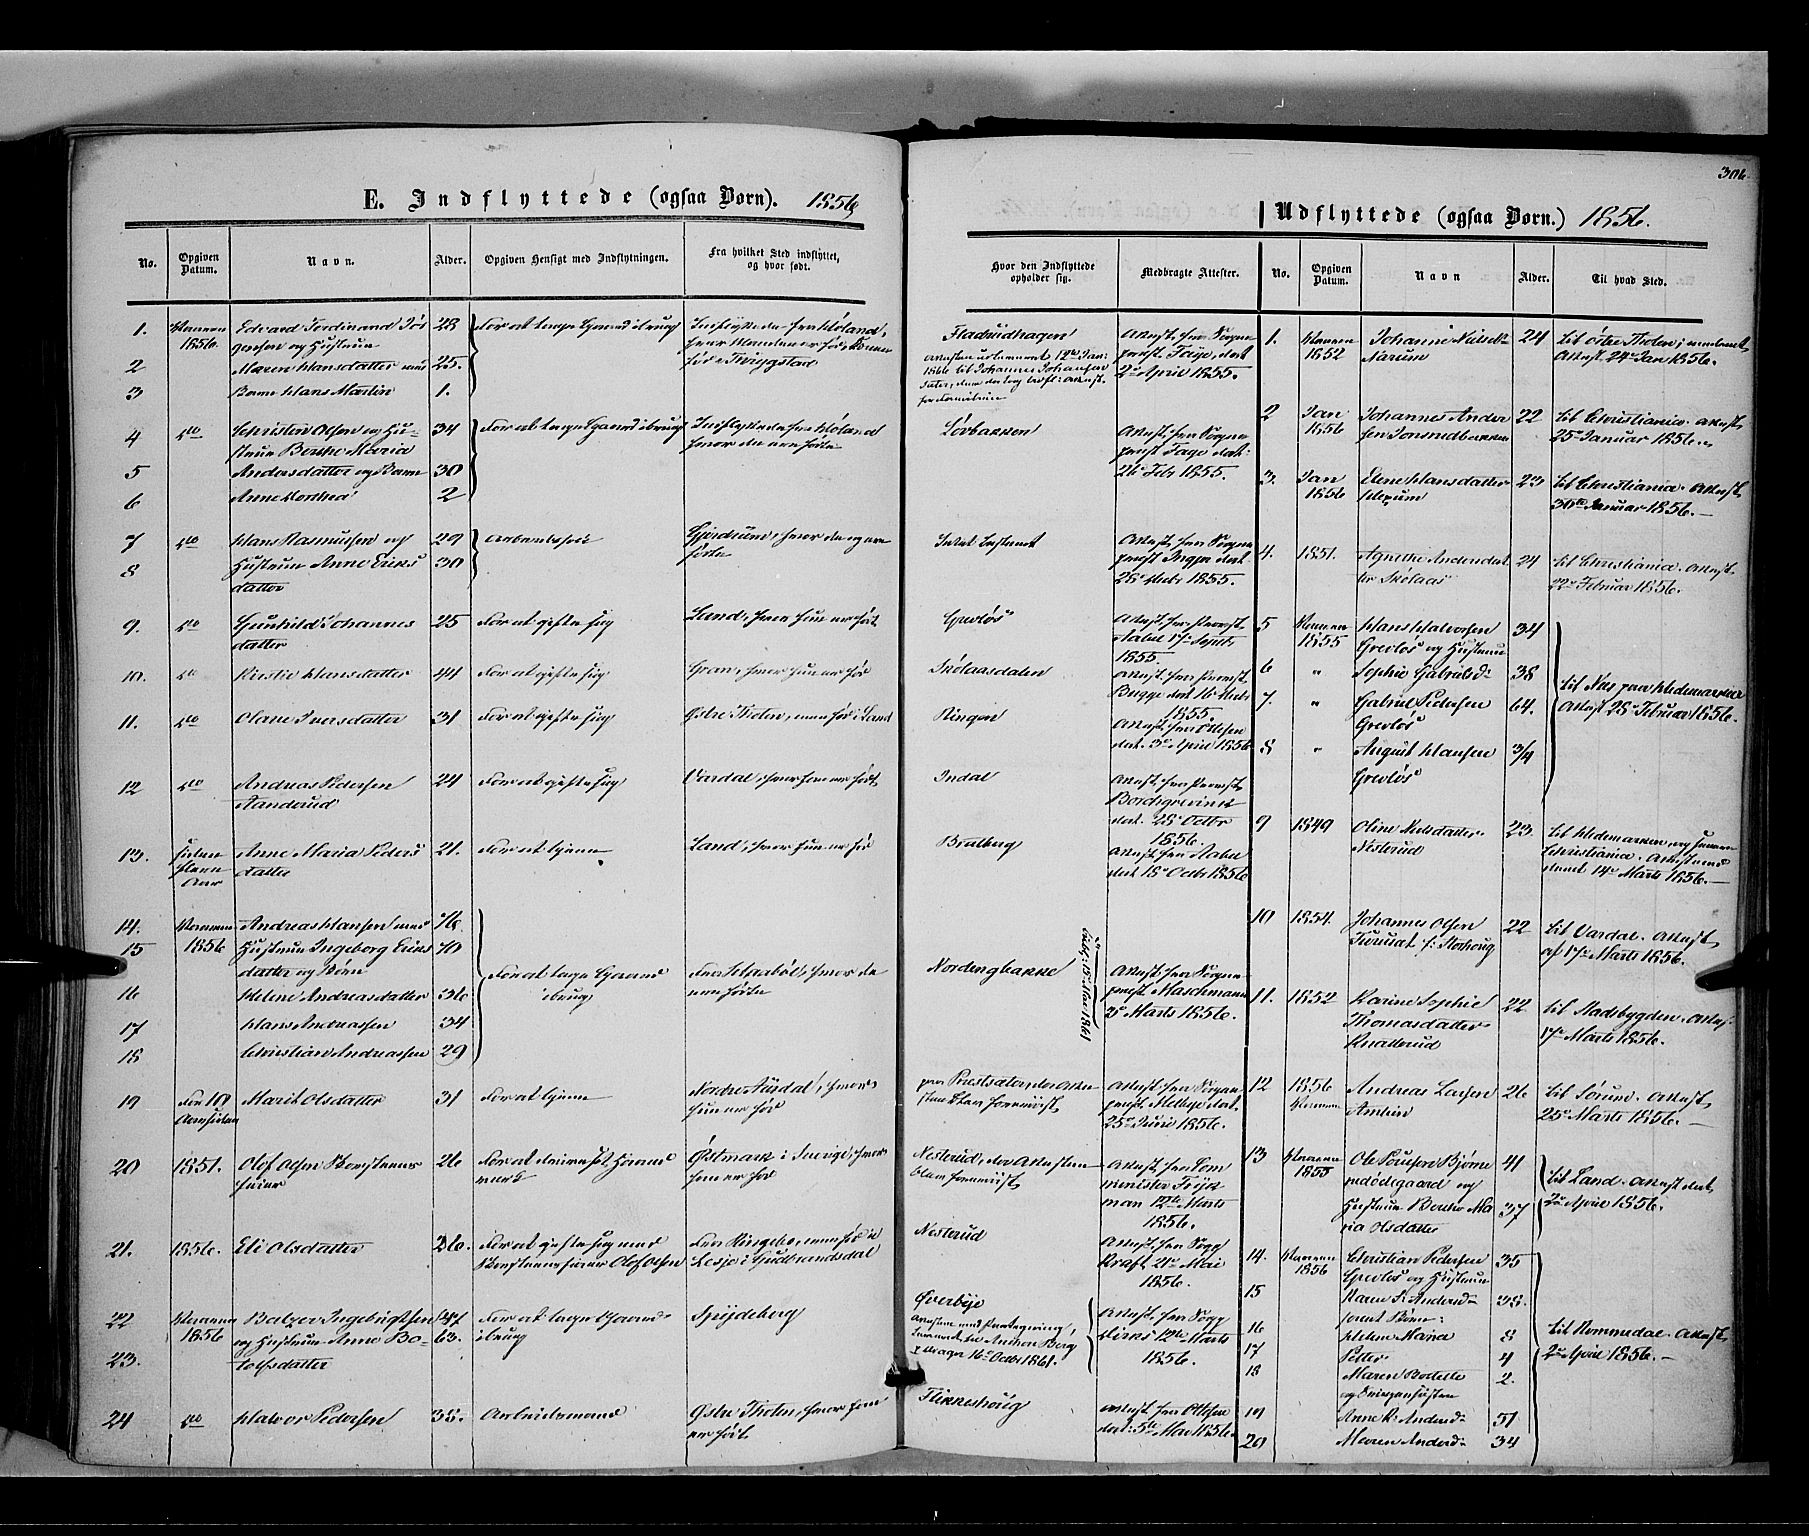 SAH, Vestre Toten prestekontor, Ministerialbok nr. 6, 1856-1861, s. 306